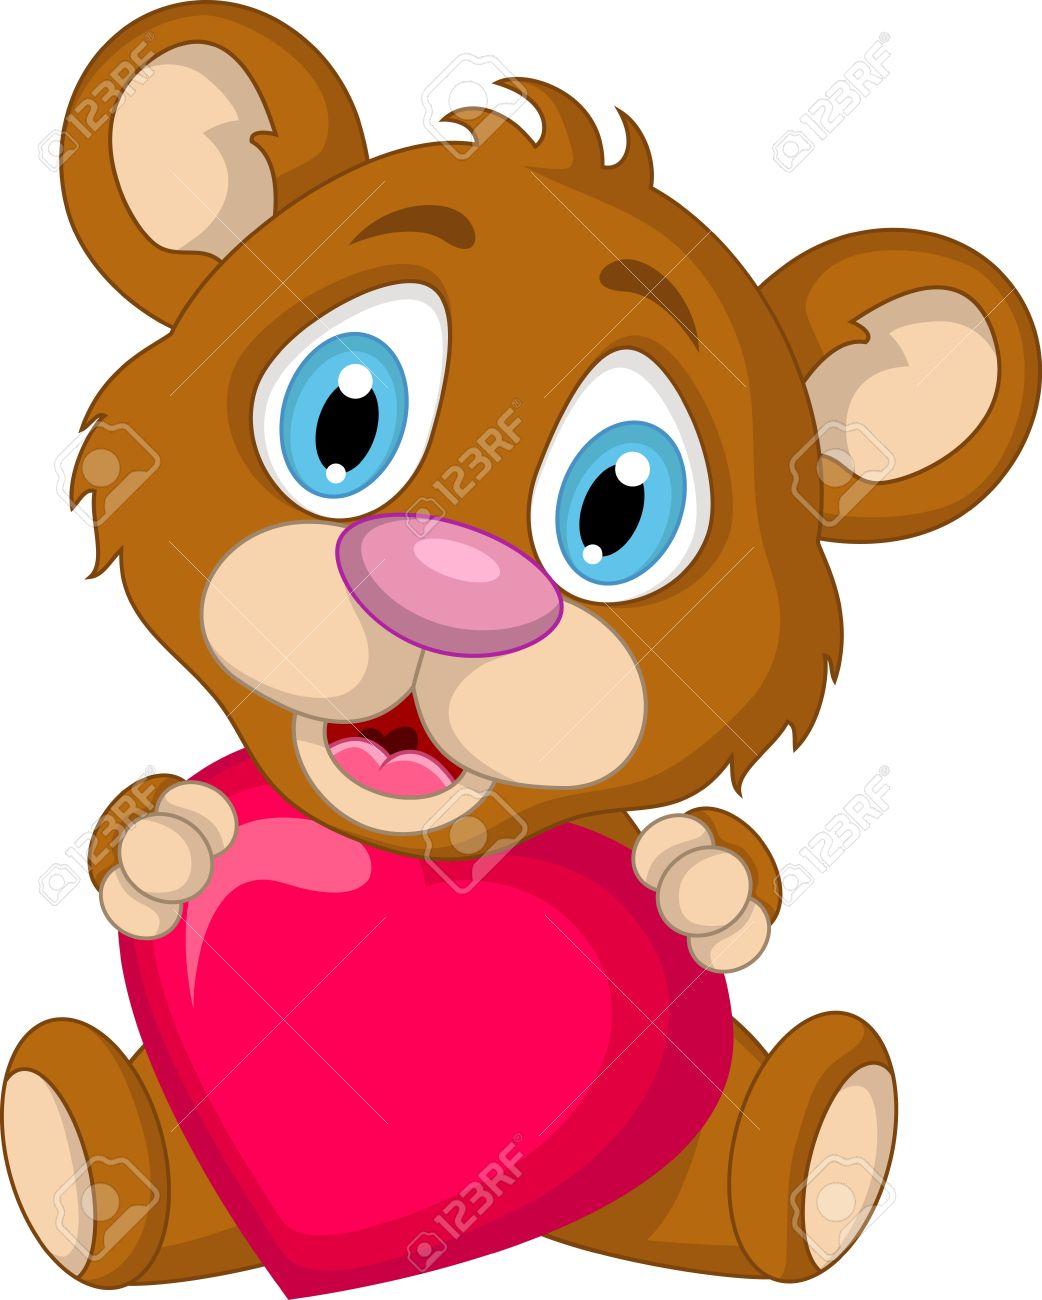 banque dimages mignon petit ours brun dessin anim retenant amour de coeur